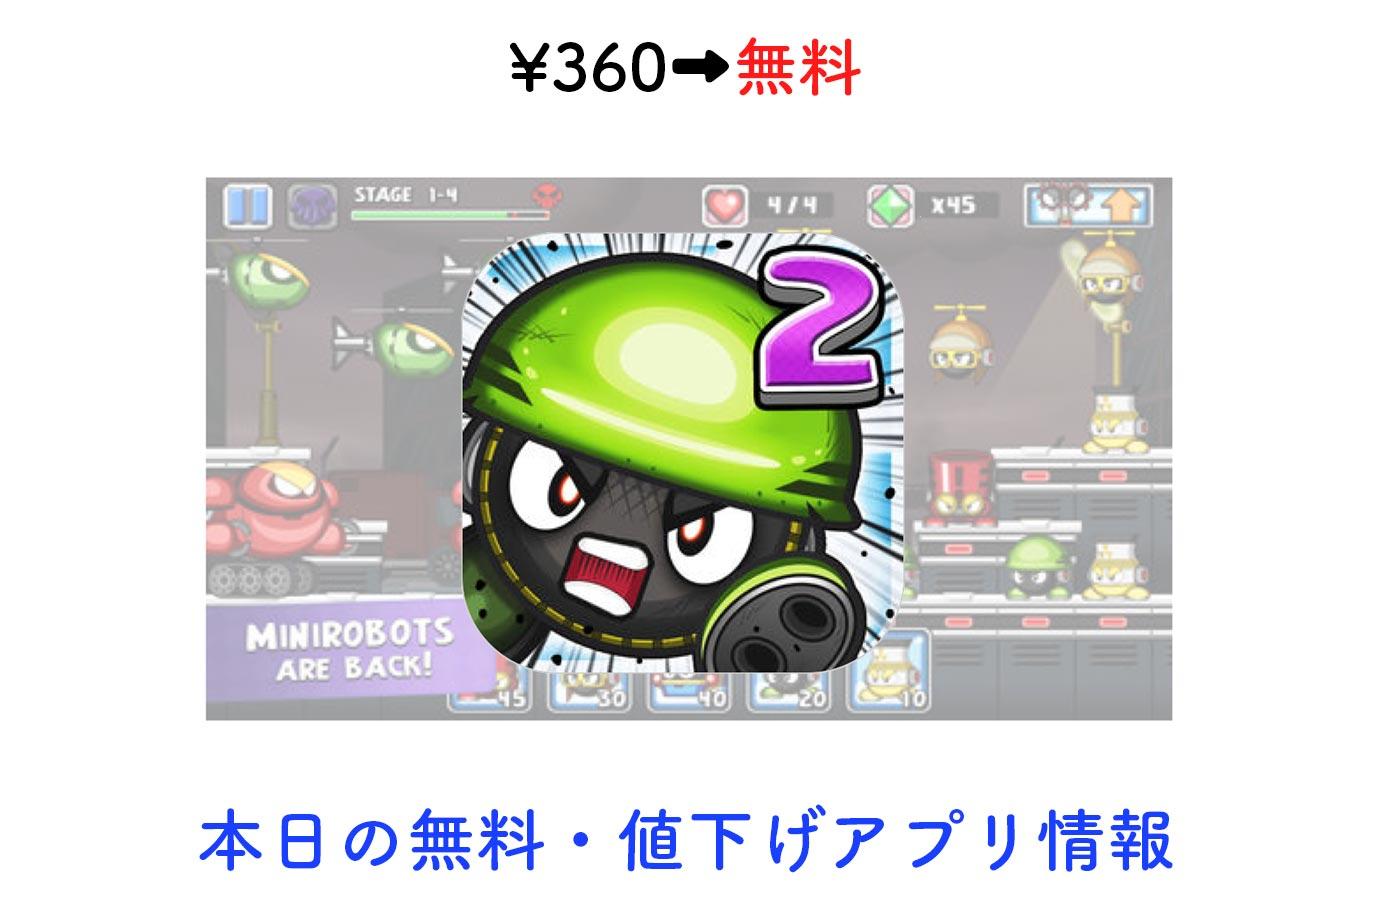 ¥360→無料、人気タワーディフェンス「Tiny Defense 2」など【11/12】本日の無料・値下げアプリ情報